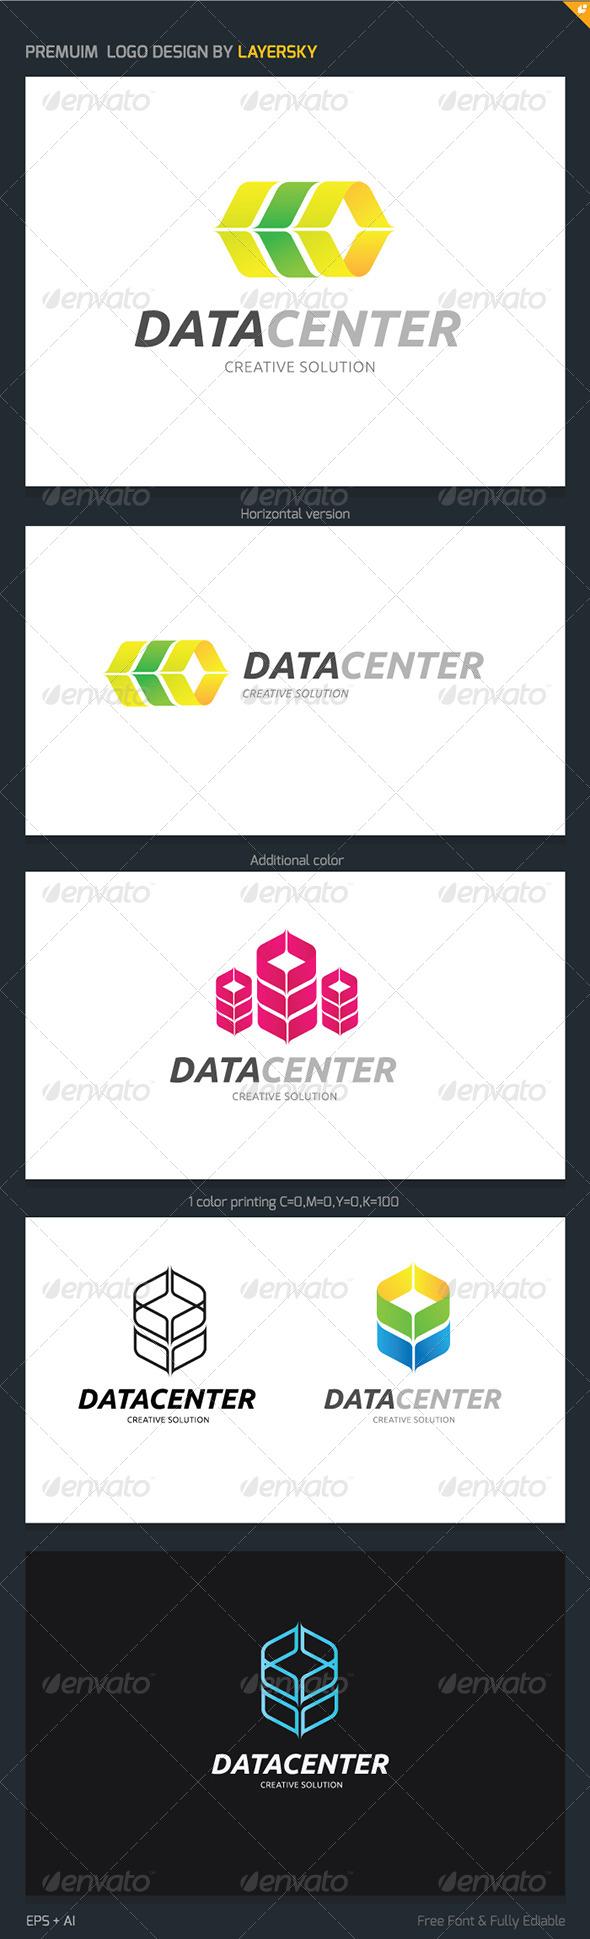 GraphicRiver Data Center Logo 4166203